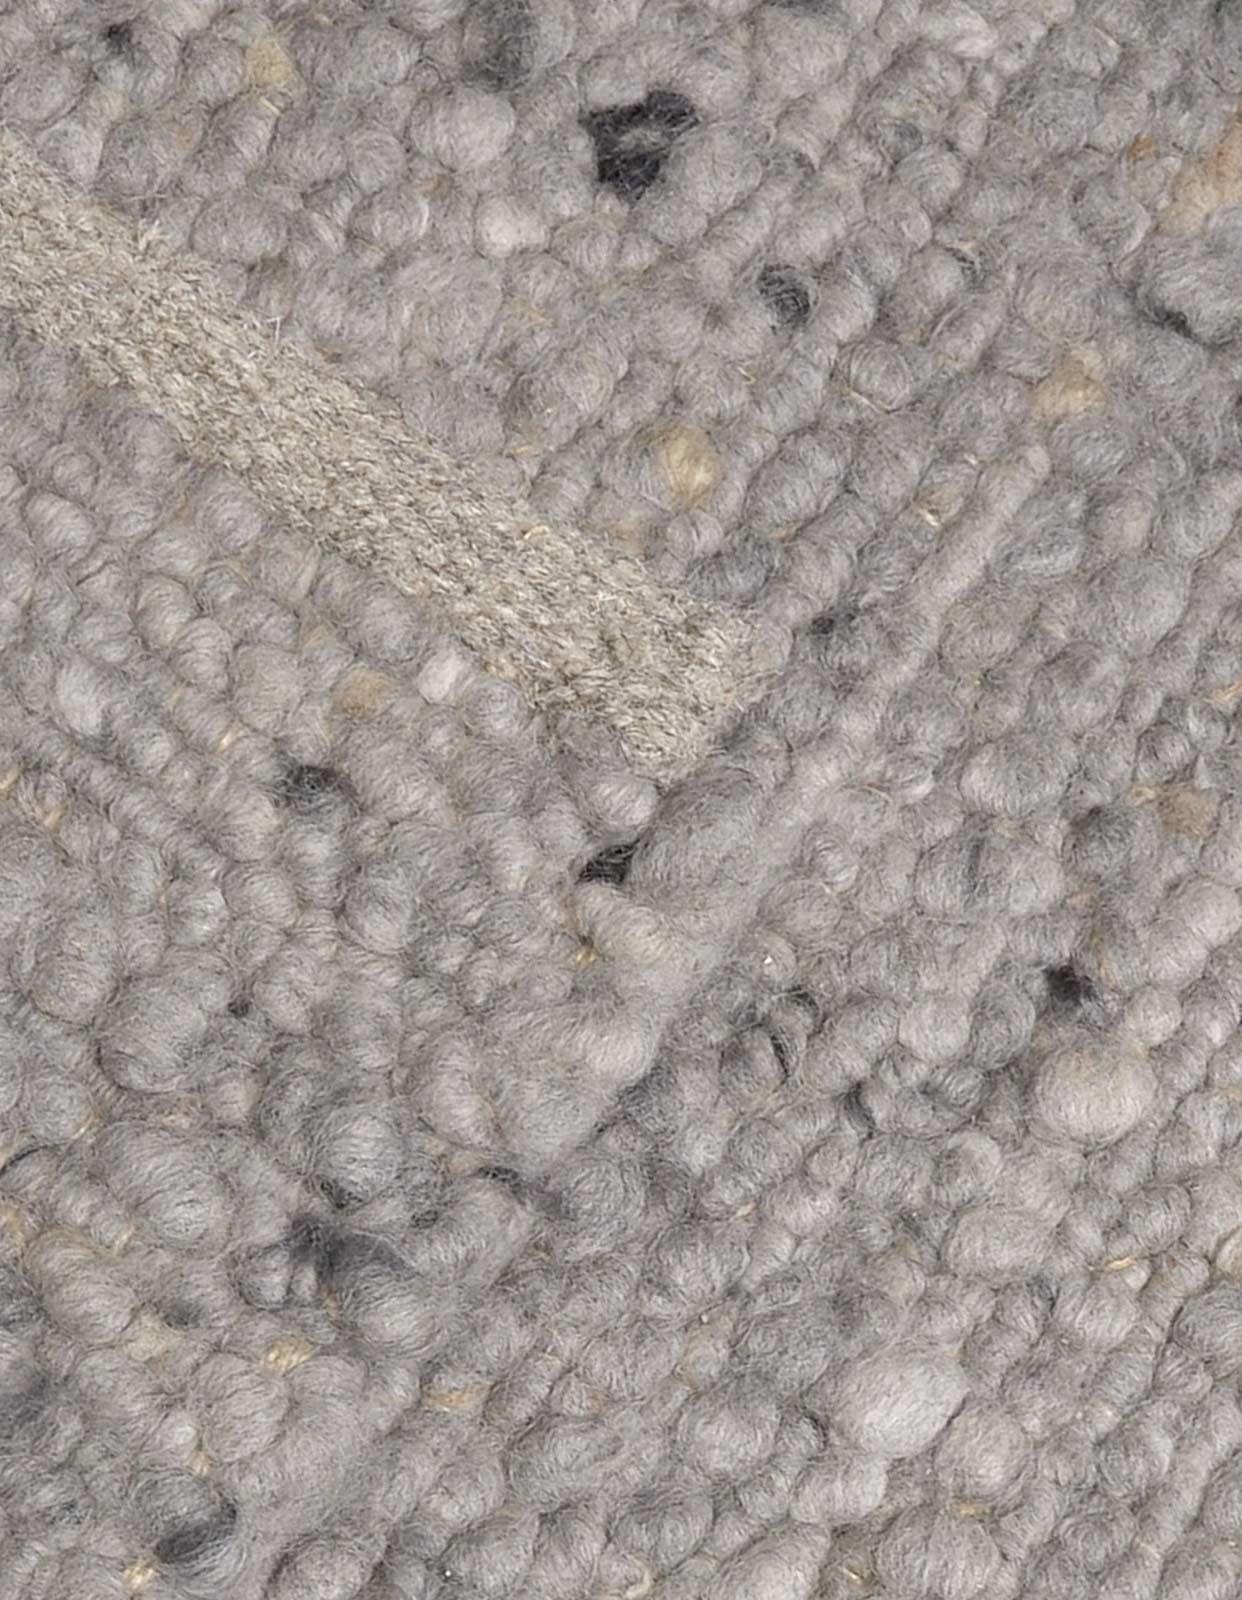 athmos-collection-design-tapijt-moderne-tapijten-handgeweven-design-exclusieve-luxe-vloerkleden-charcoal-grijs-antraciet-koreman-maastricht-03526-hoek1.jpg